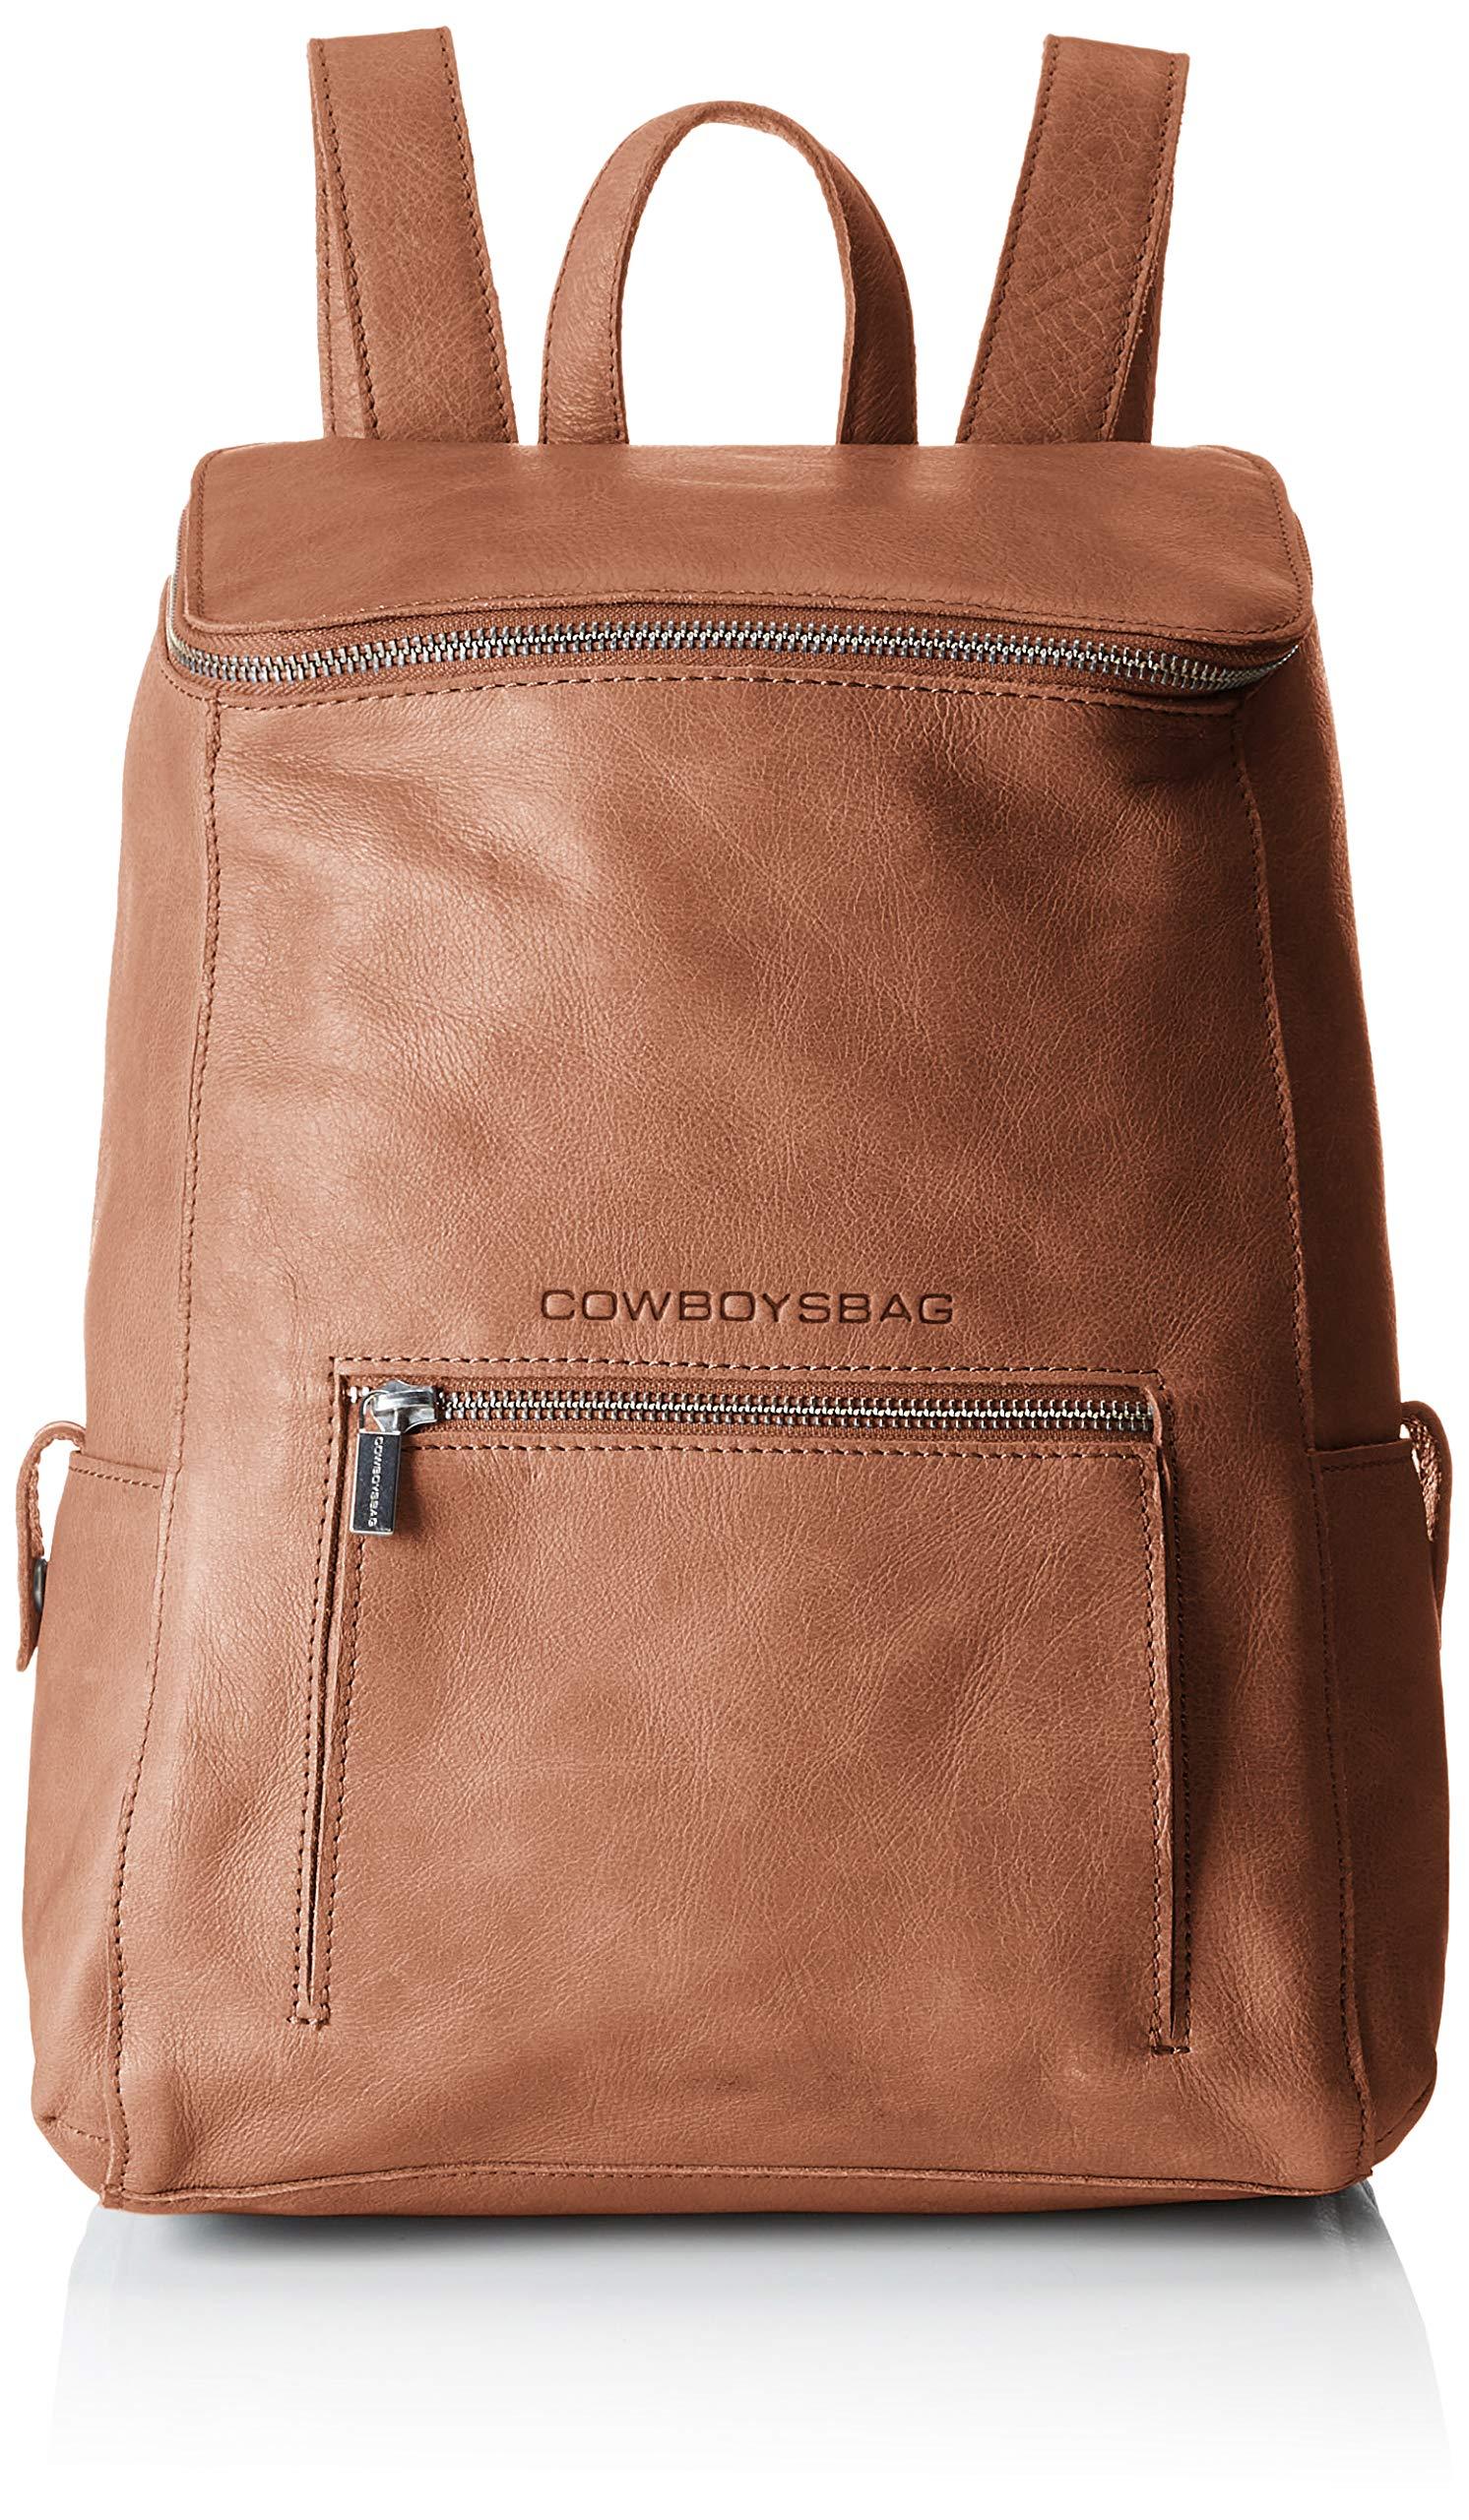 Backpack FemmeBeige000370Camel16x35x26 H Cowboysbag InchSacs Delta Dos Cmb X Portés T 13 n08vmwN